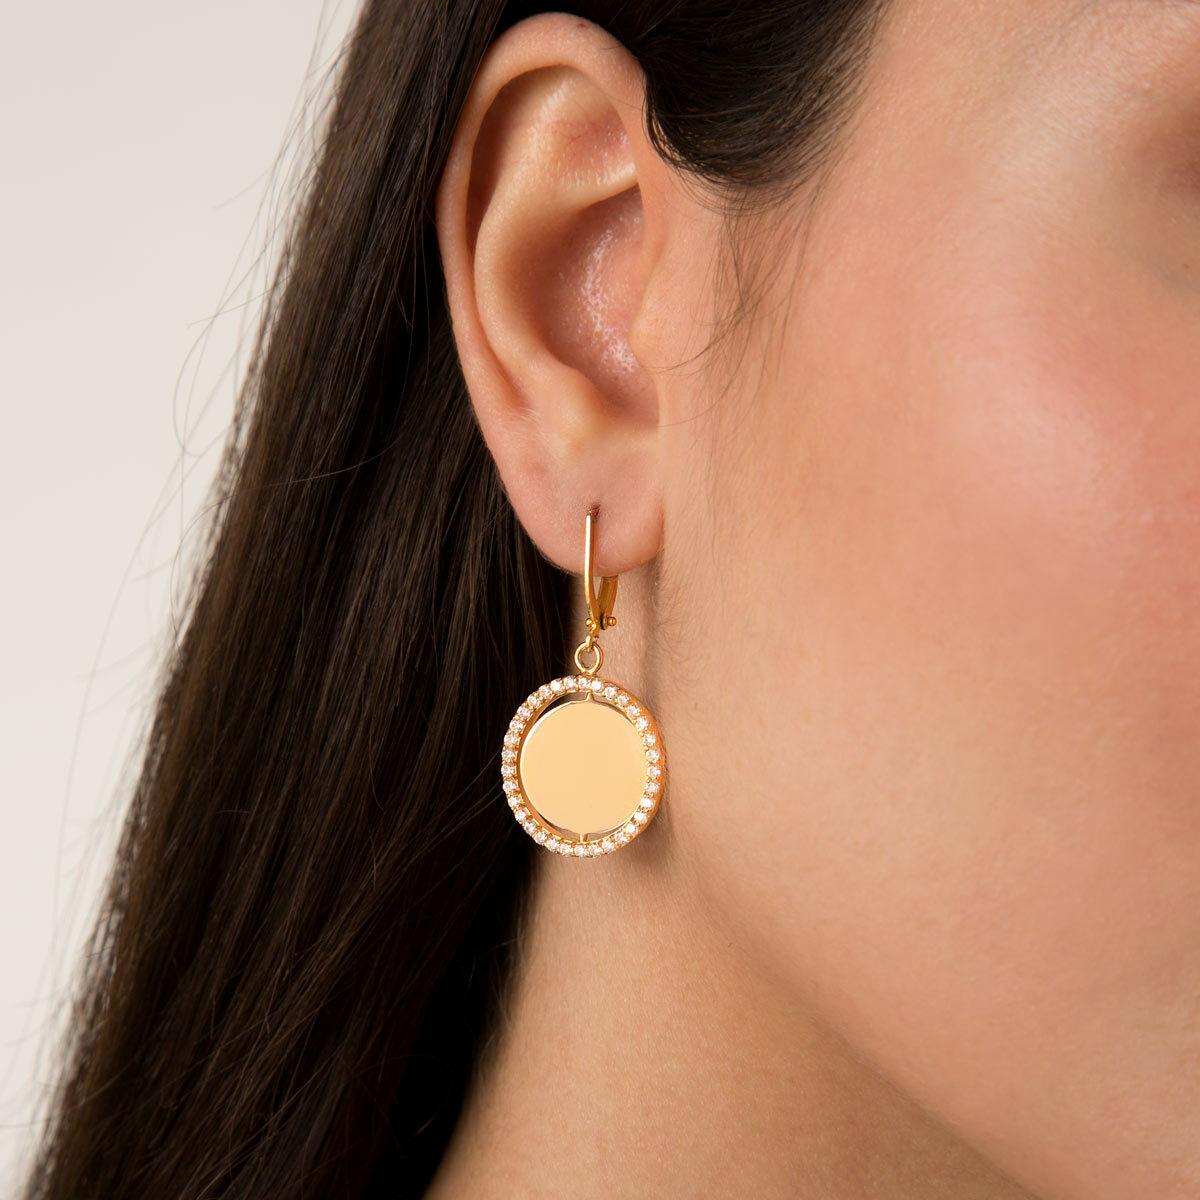 گوشواره طلا دایره متحرک و نگین سفید